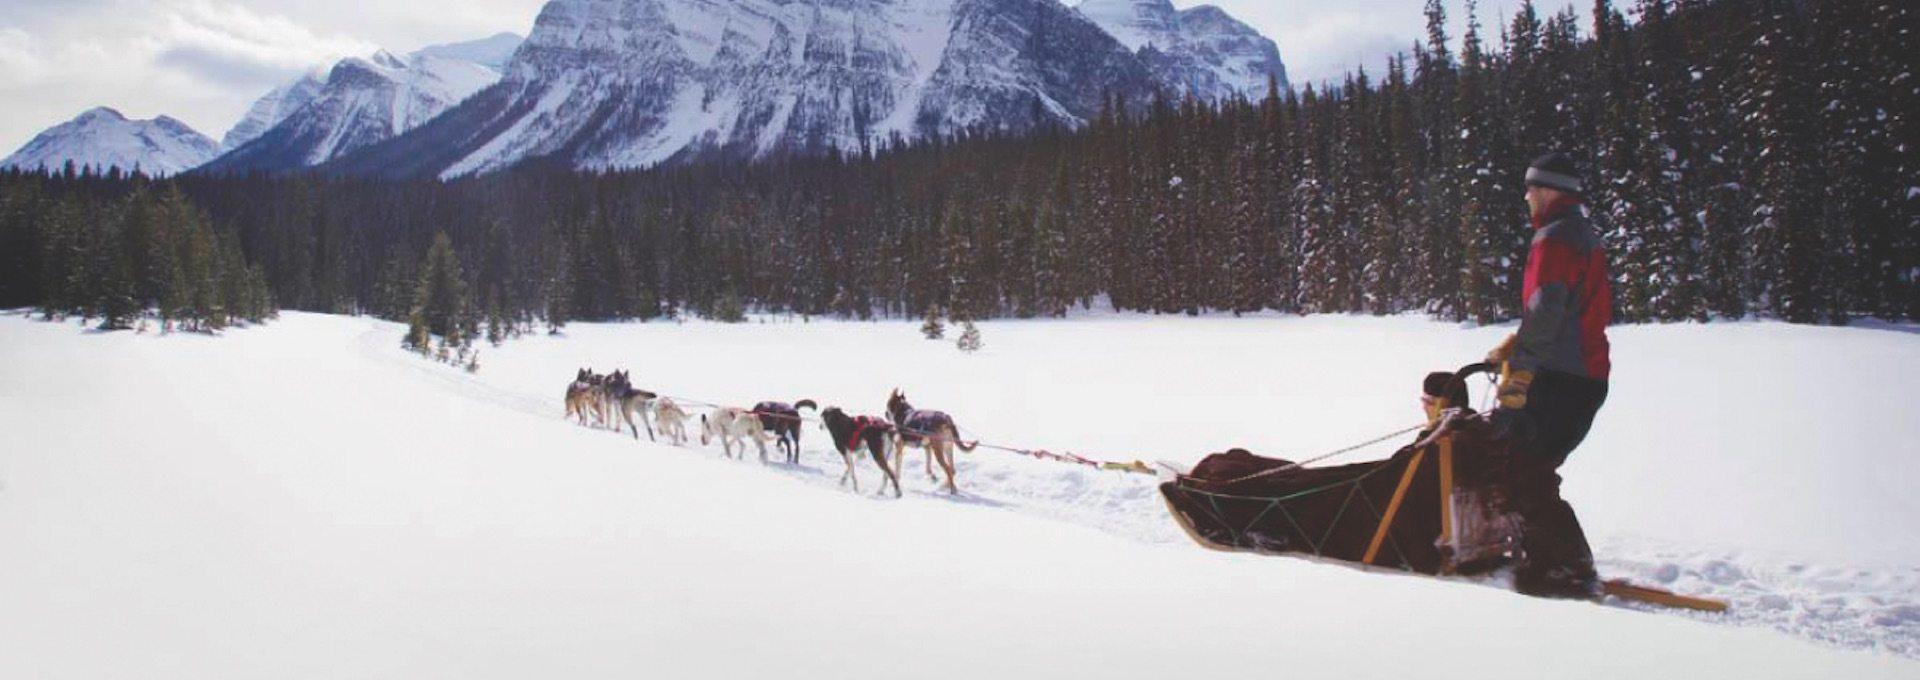 dogsledding great divide discover banff tours